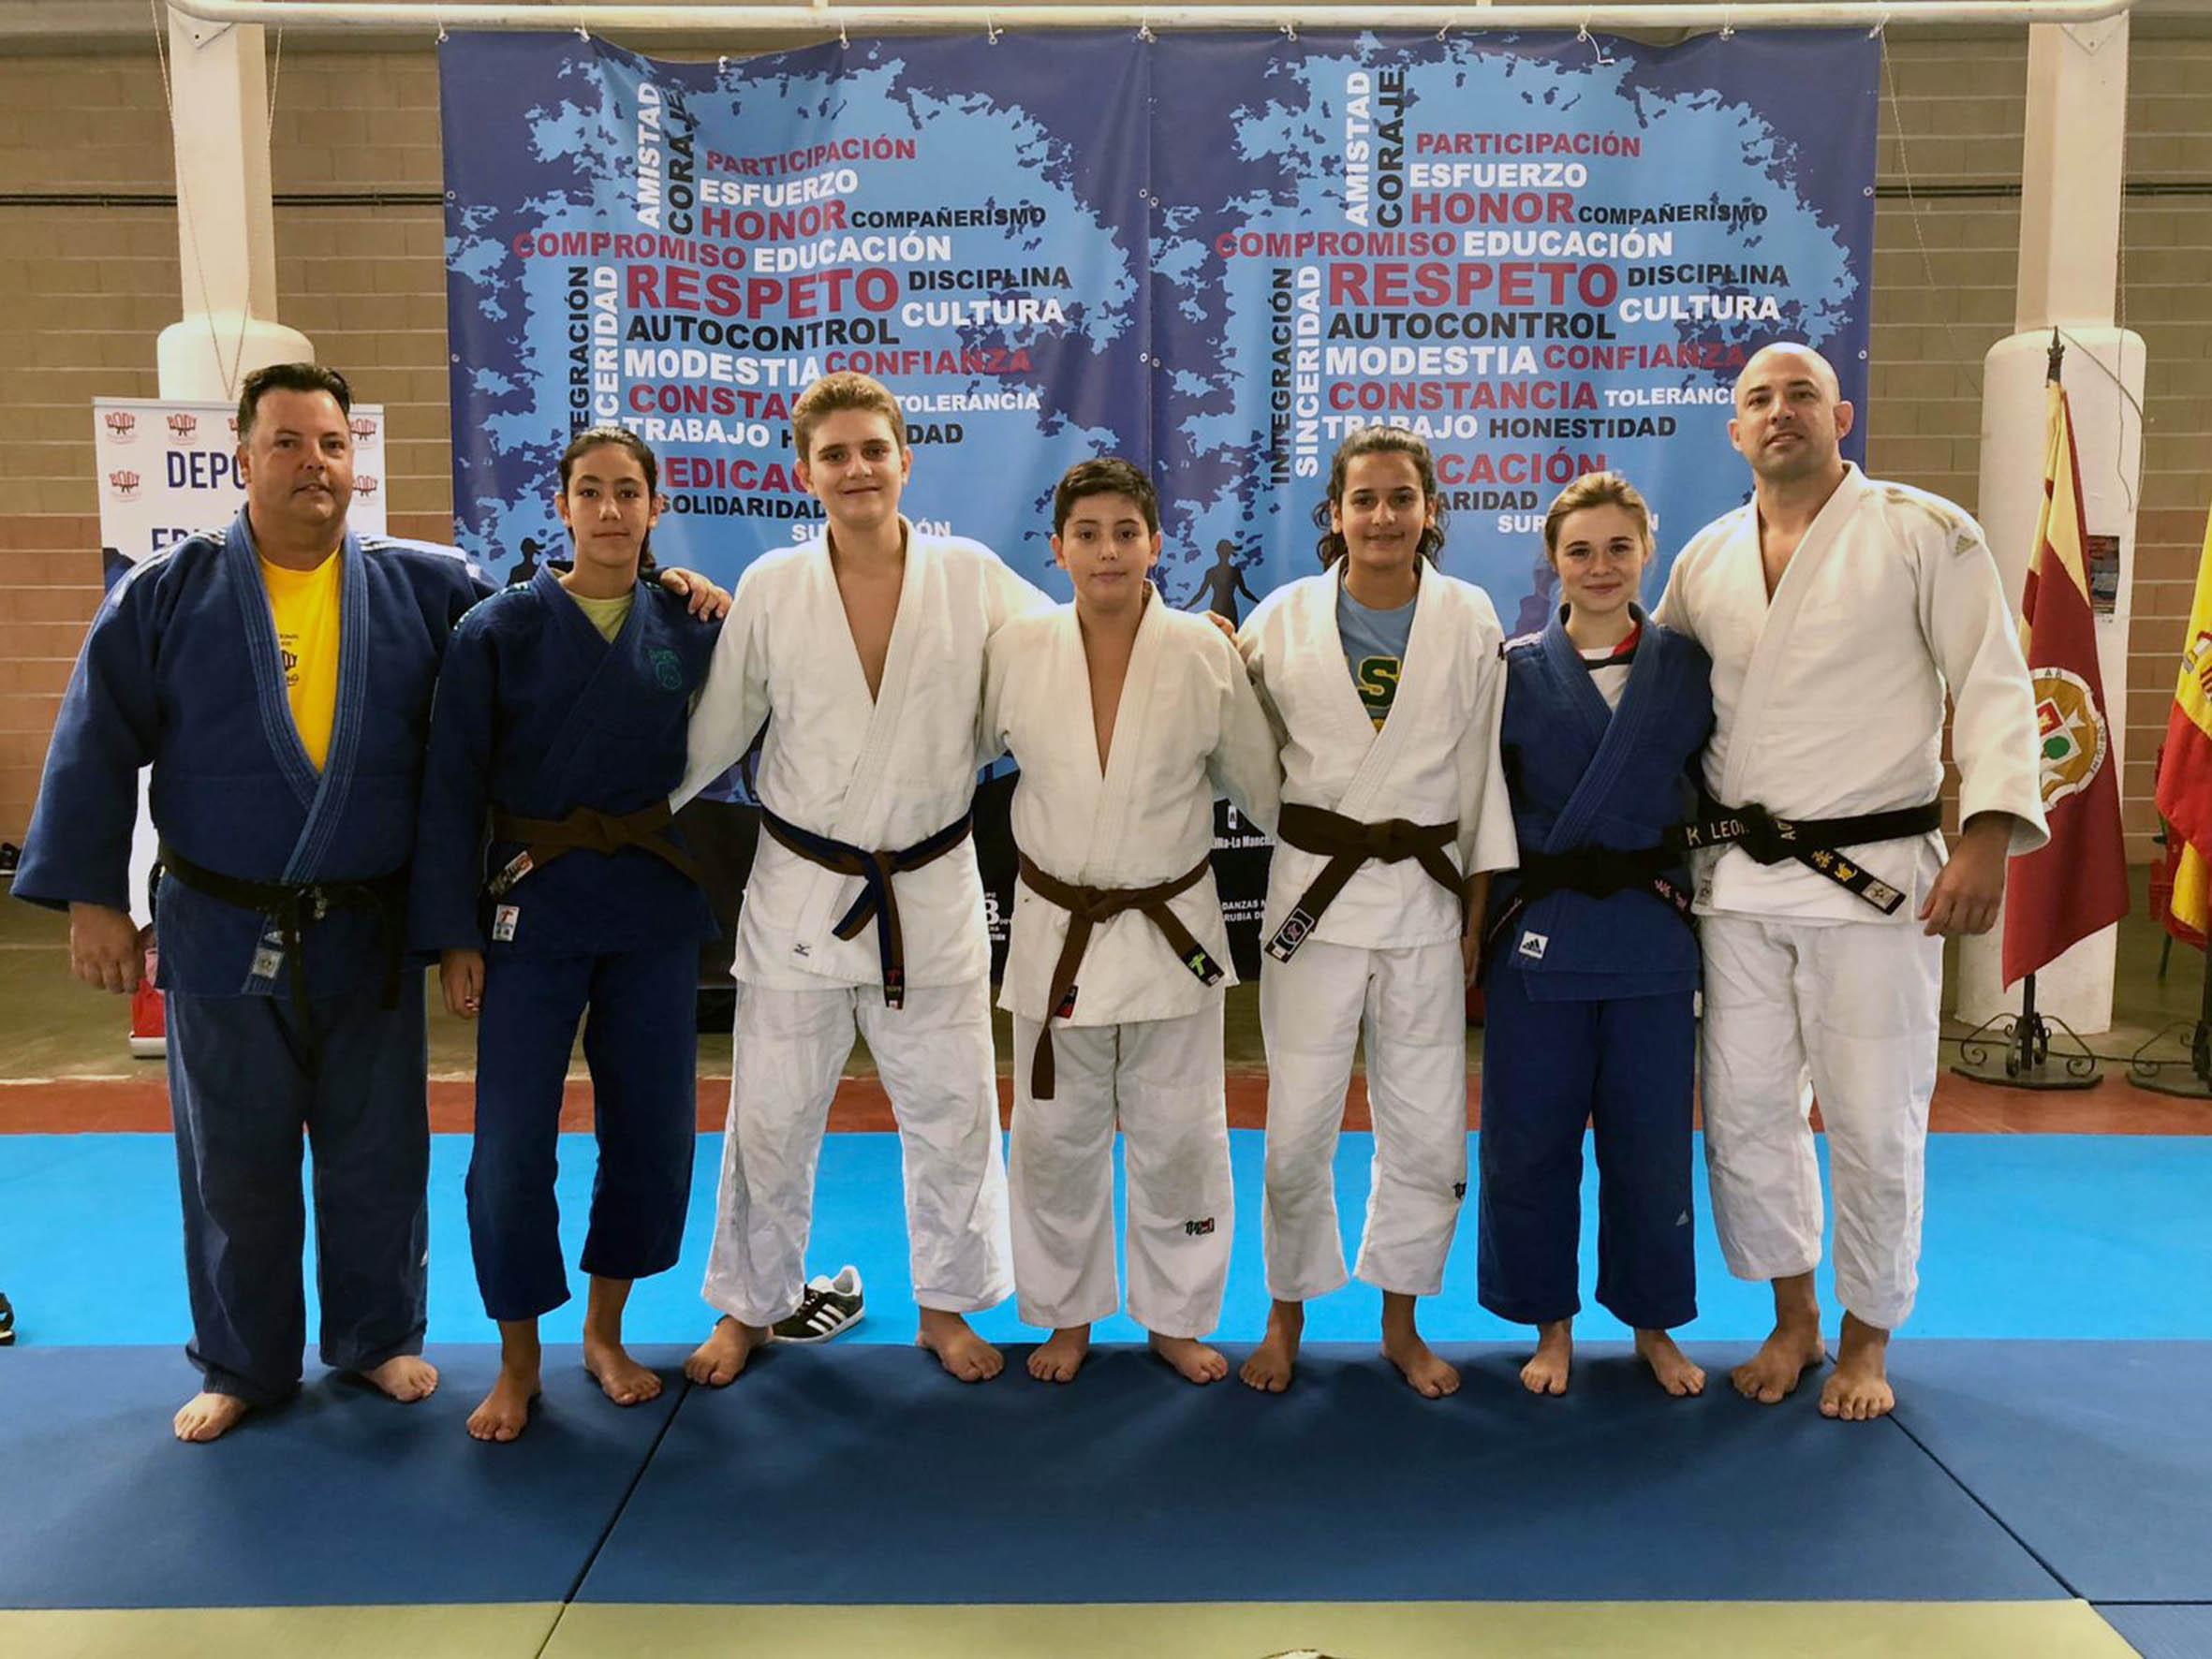 Cinco judocas de la EDM Alianza KSV participan en una concentración internacional en Toledo